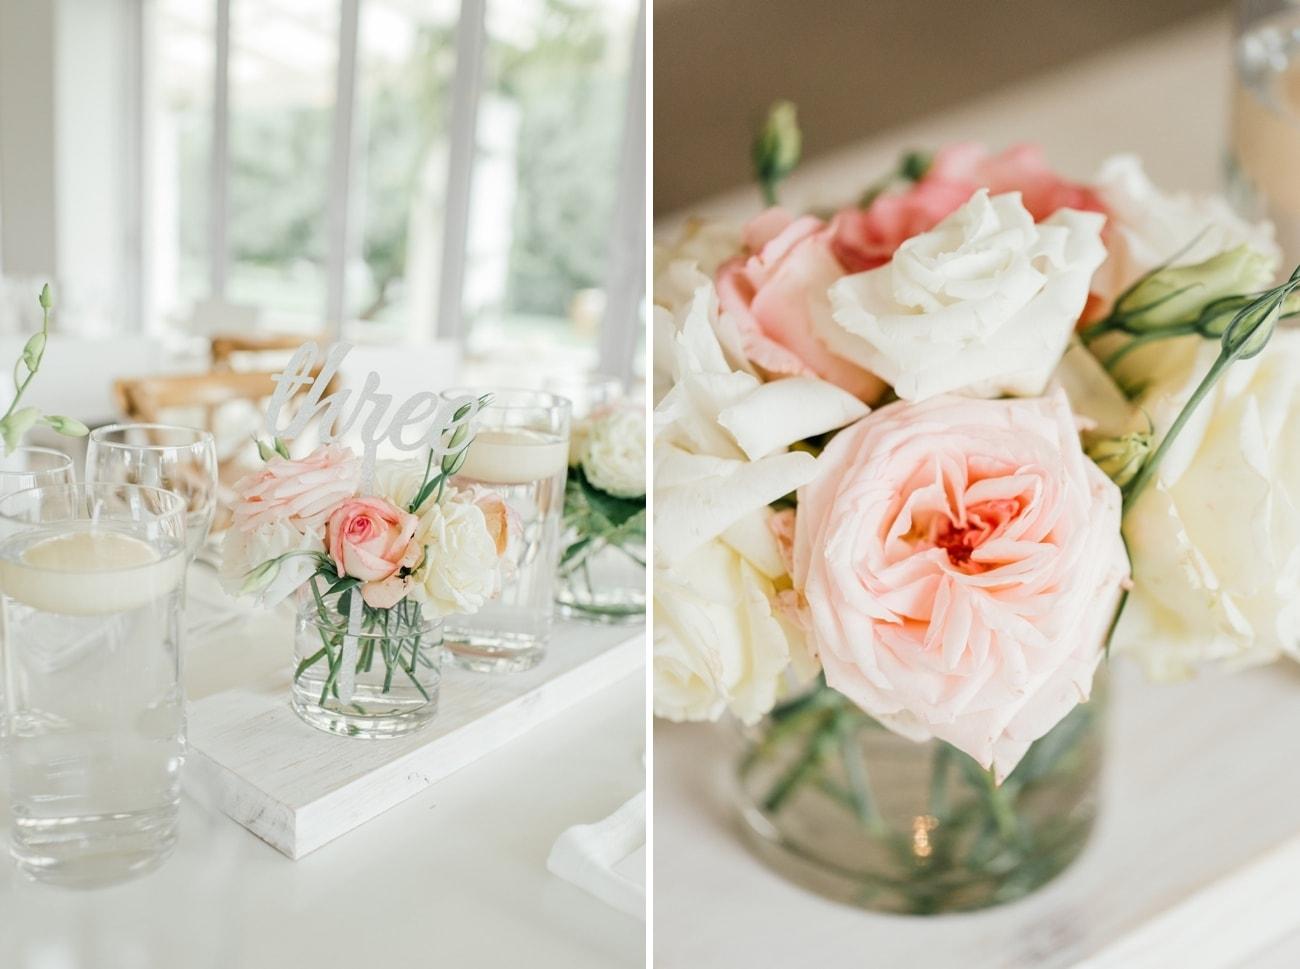 Garden Rose Centerpiece   Image: Carla Adel